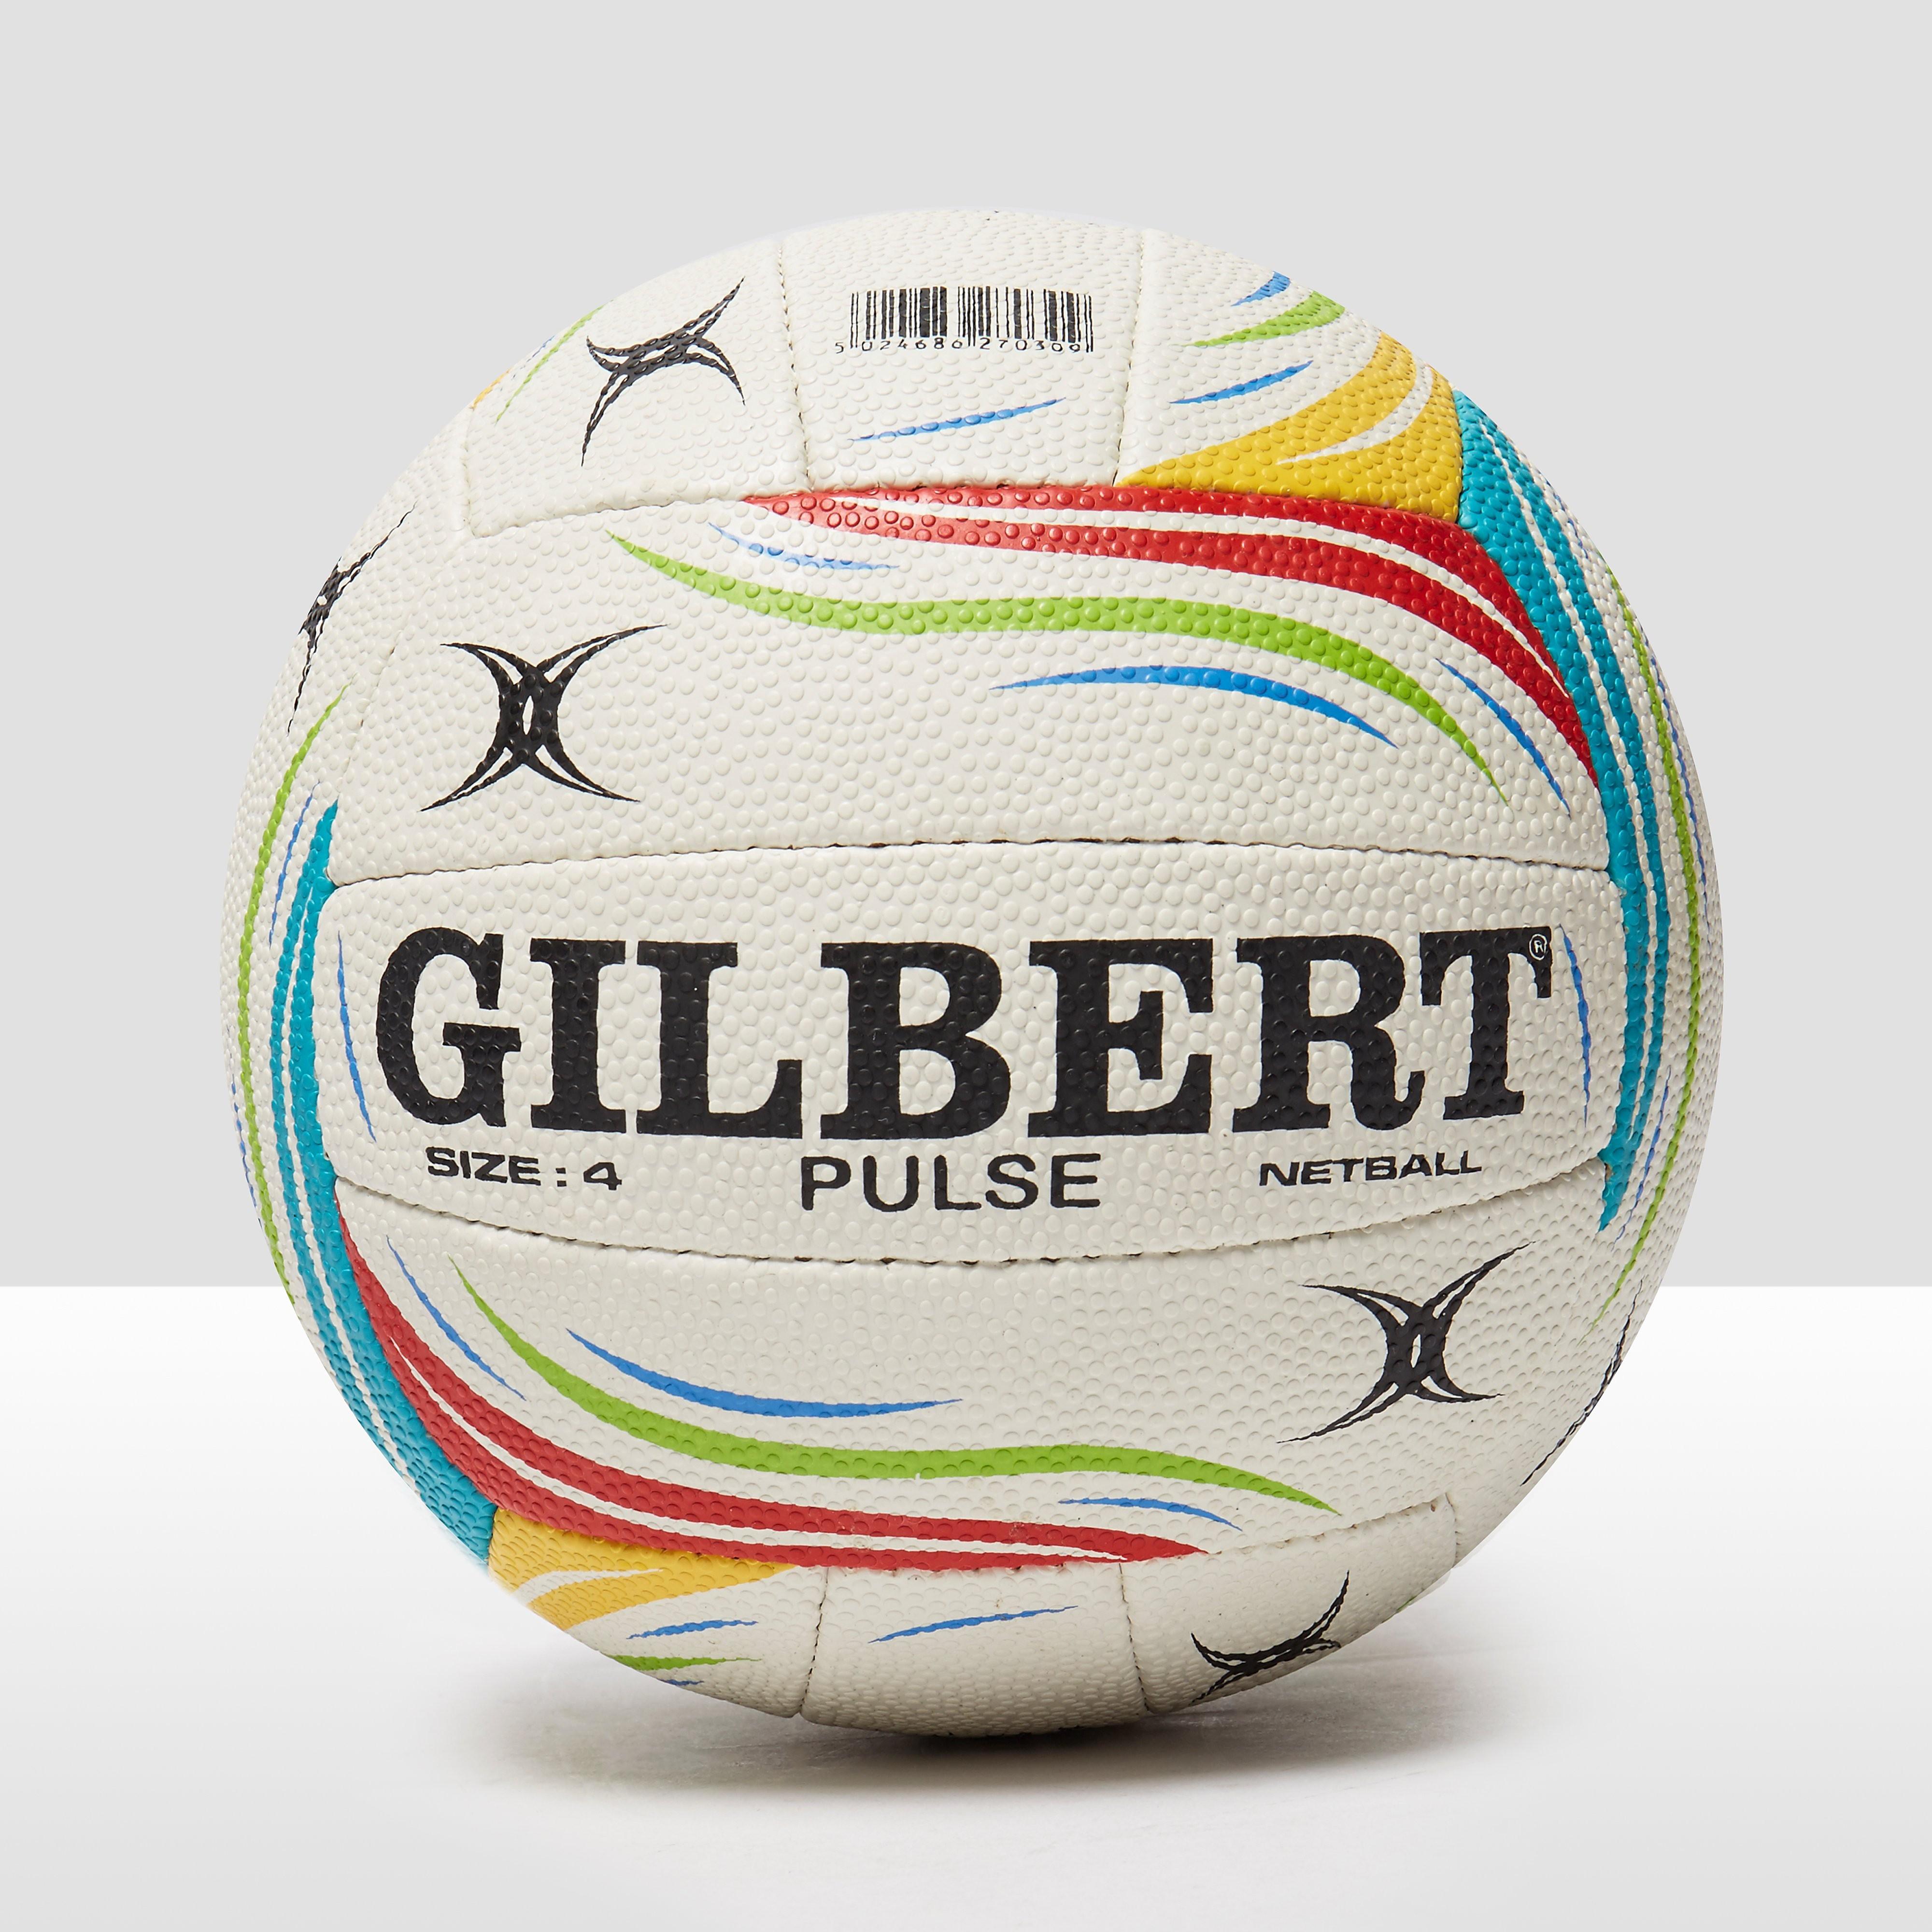 Gilbert The Pulse Match Netball